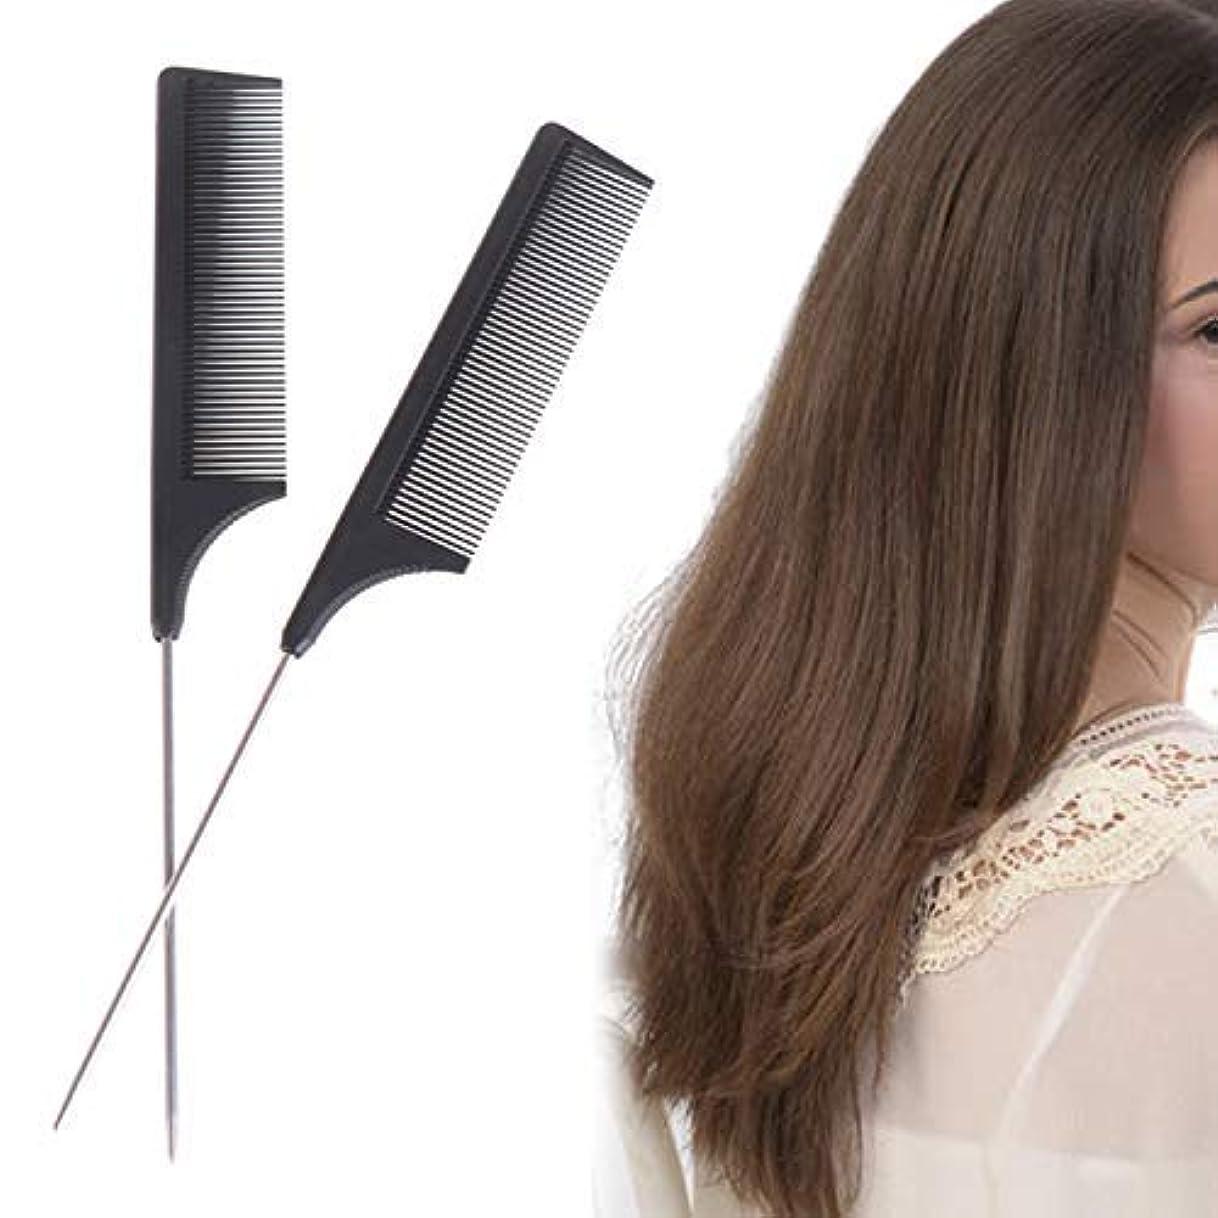 肥満反逆者おじいちゃん2 Pieces Comb Black Tail Styling Comb Chemical Heat Resistant Teasing Comb Carbon Fiber Hair Styling Combs for...